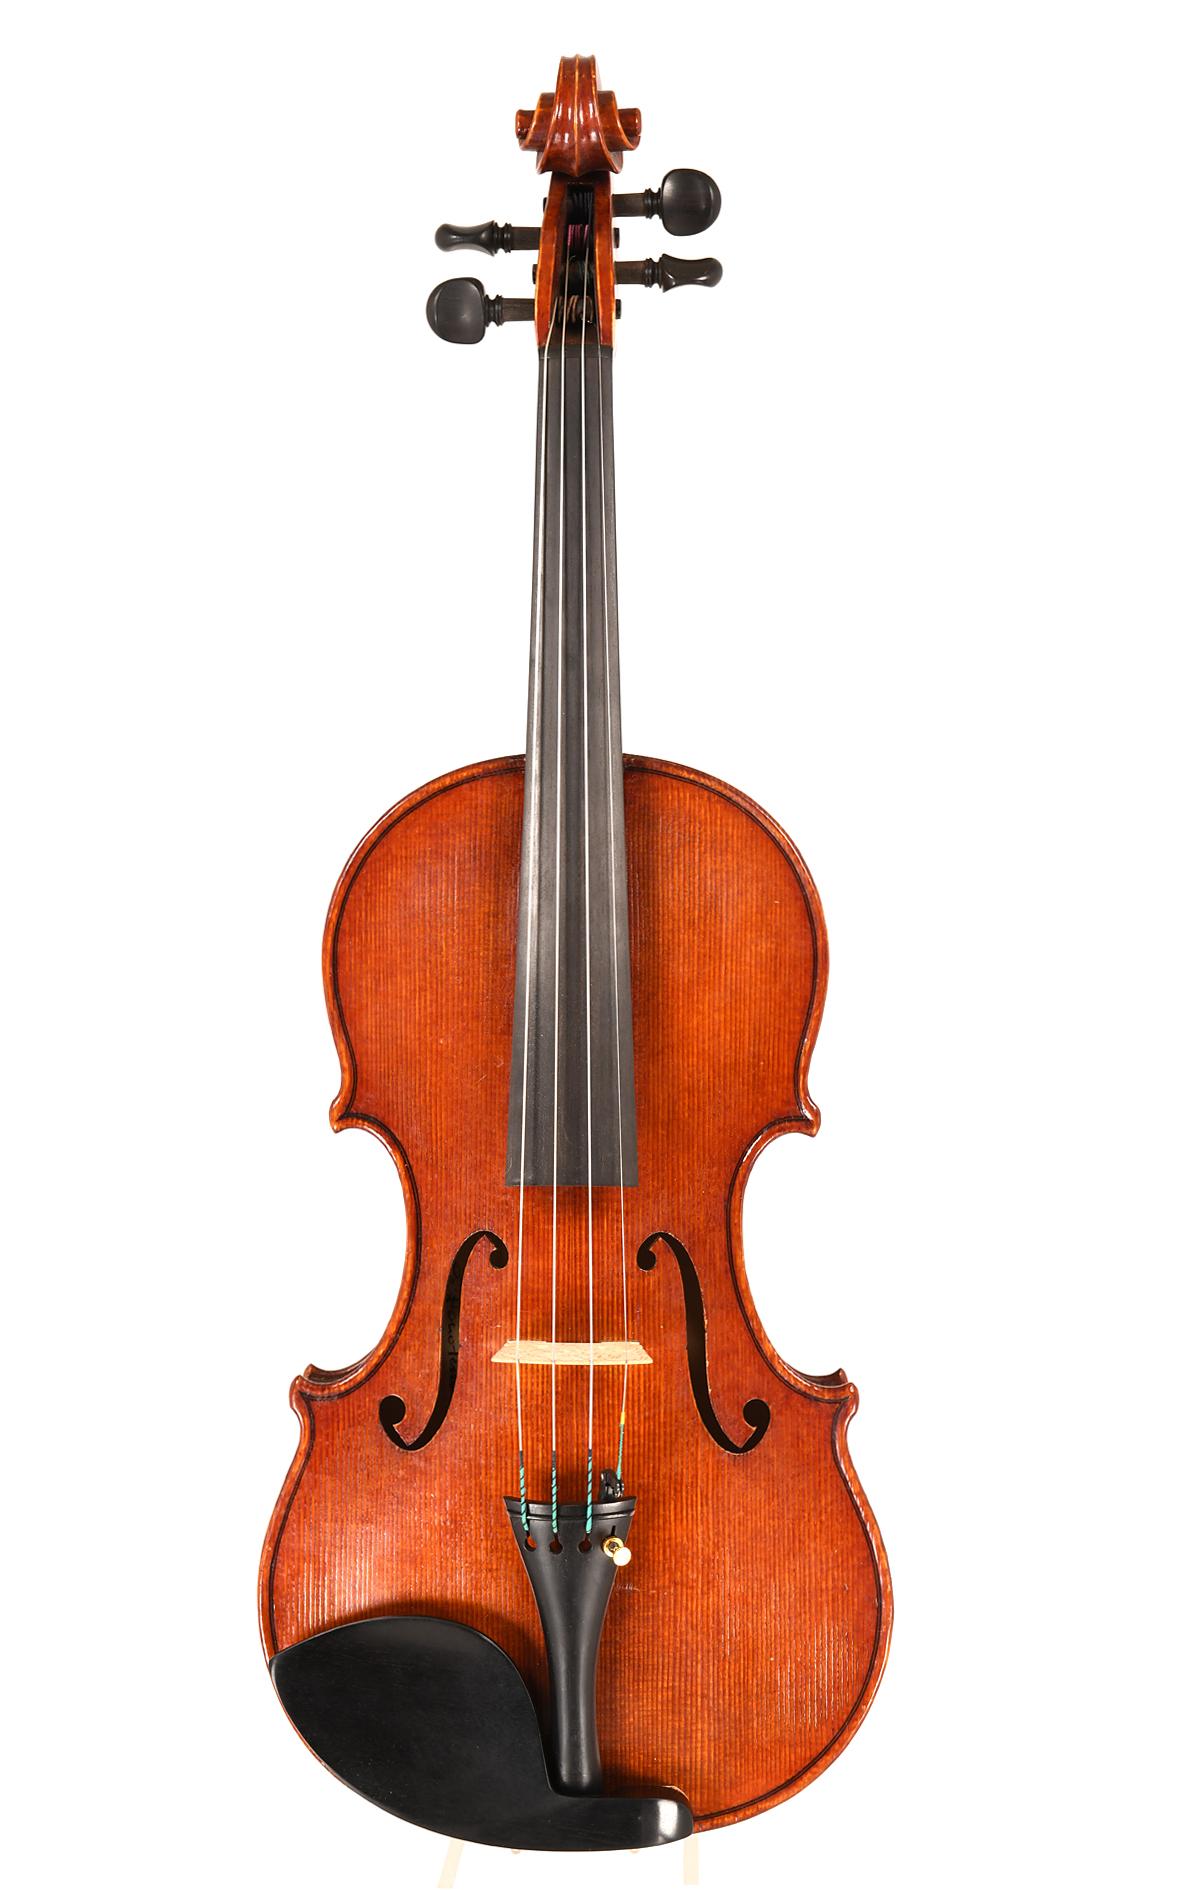 Cristiano Ferrazzi, violin maker, Verona, IT